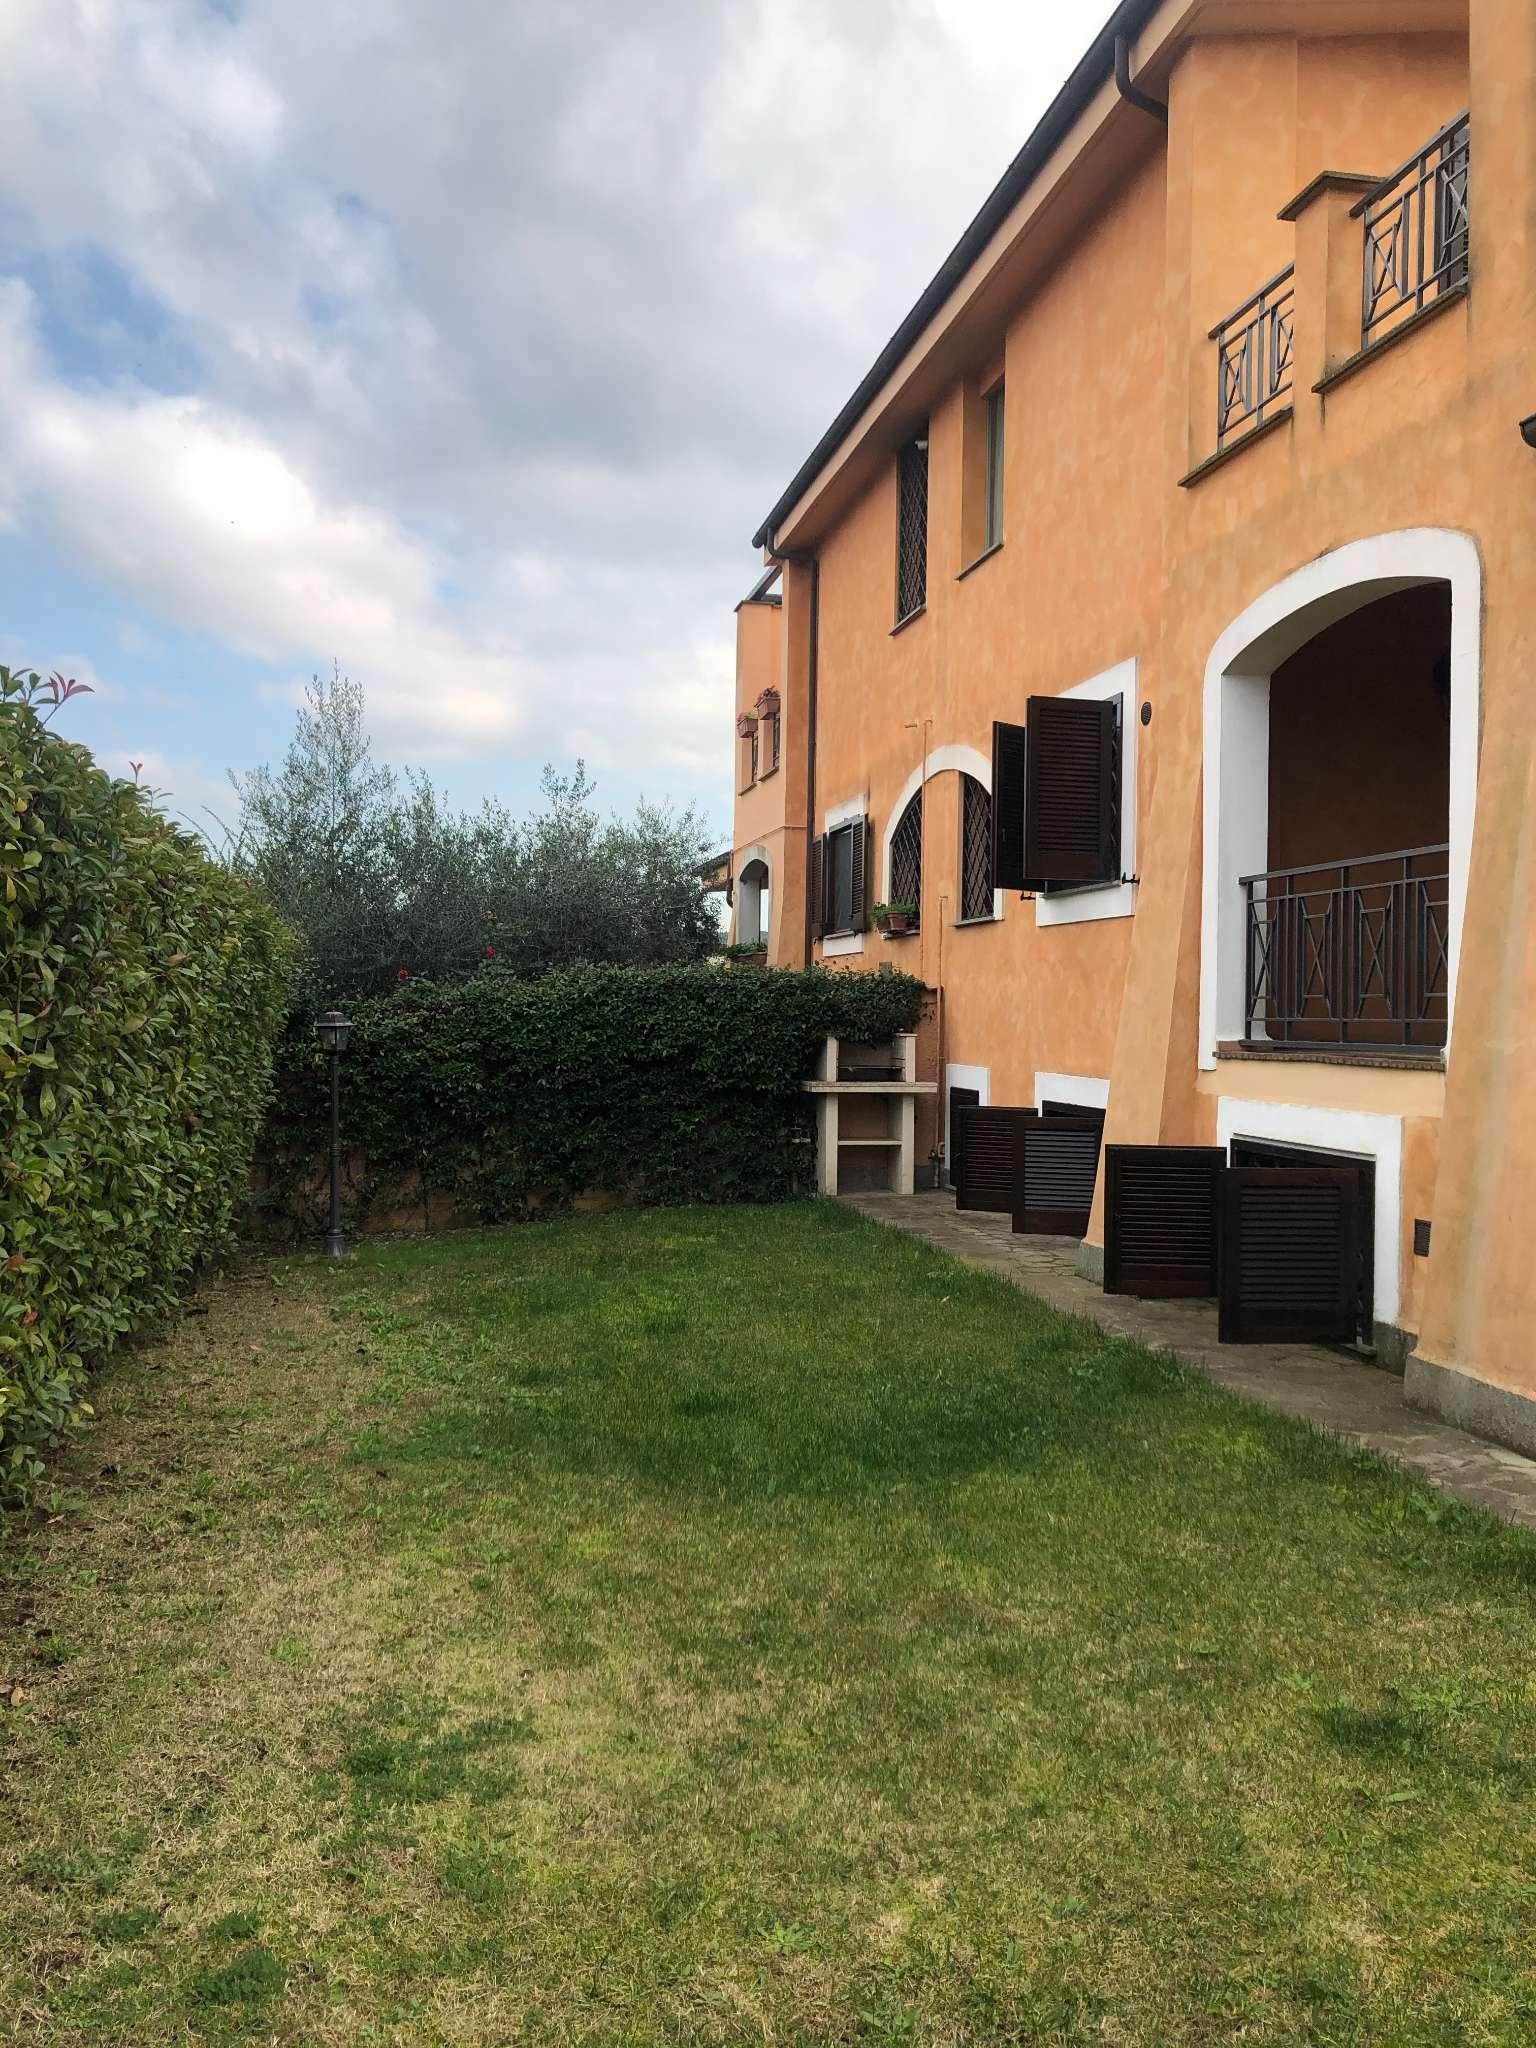 Soluzione Indipendente in vendita a Roma, 2 locali, zona Zona: 37 . Morena - Ciampino - Trigoria - Falcognana, prezzo € 400.000   CambioCasa.it